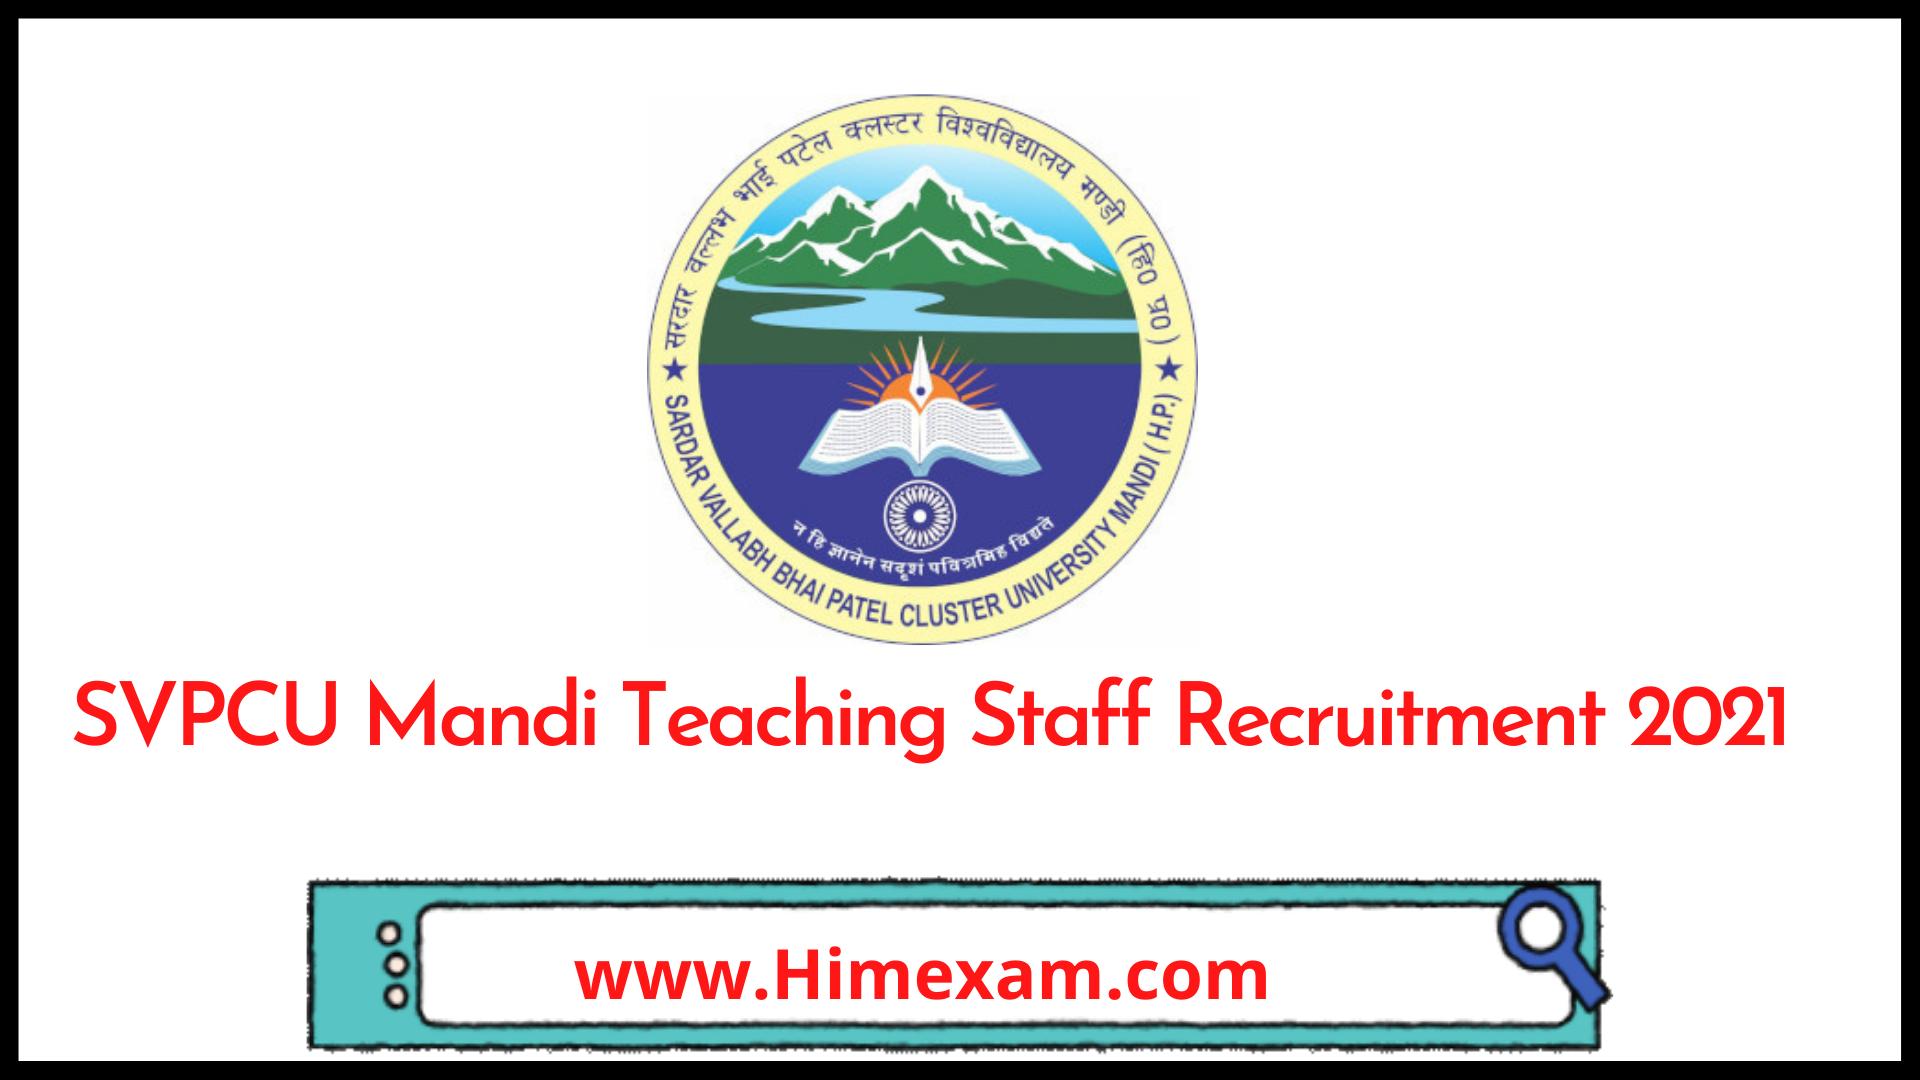 SVPCU Mandi Teaching Staff Recruitment 2021